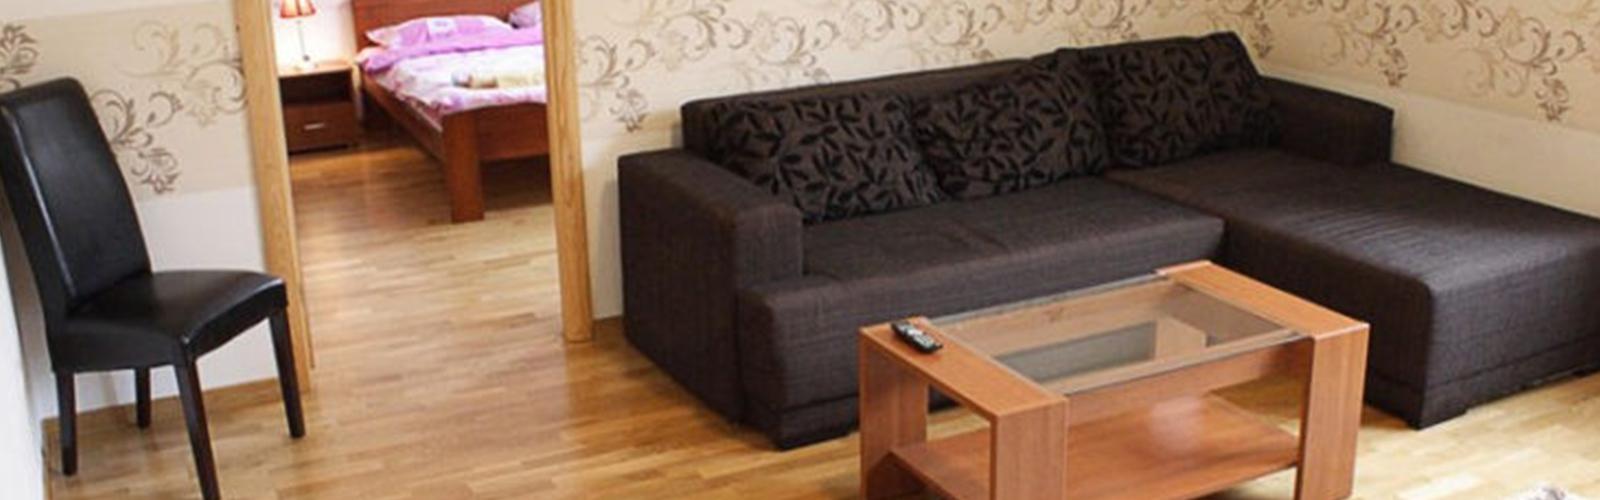 Concierge Belgrade | Apartman Delta Top 42